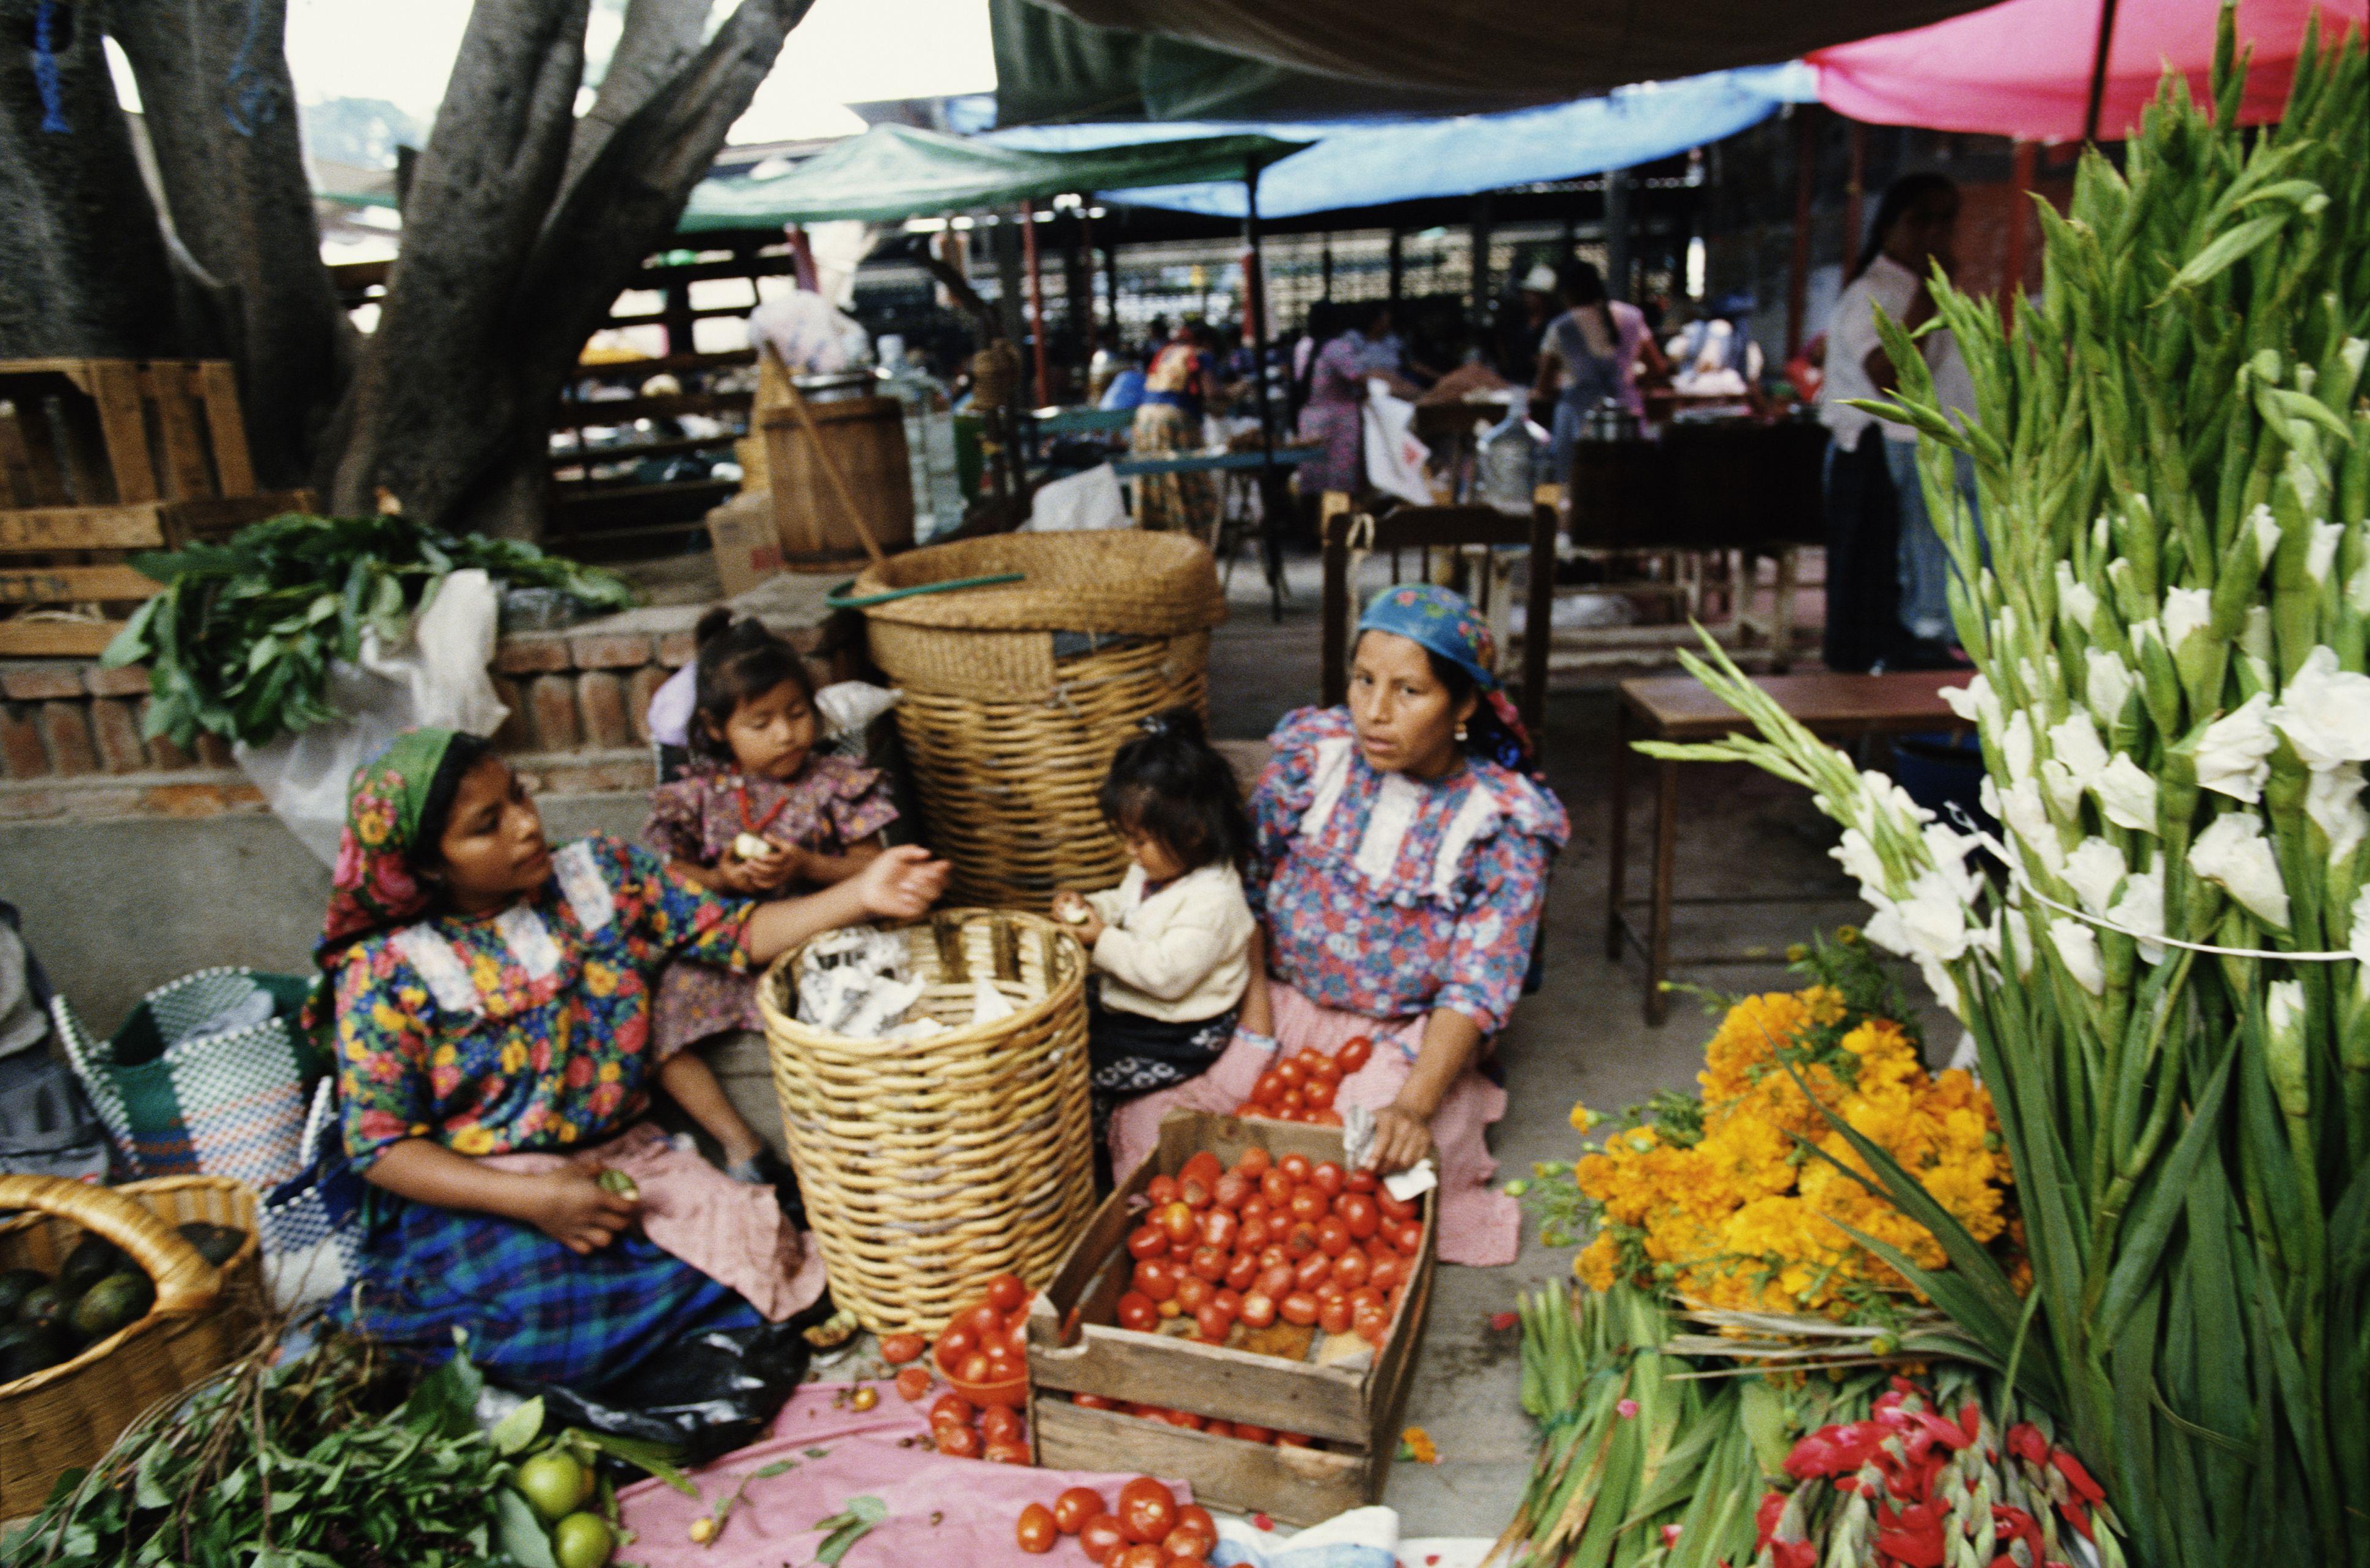 Mexico, Oaxaca, Oaxaca, women with girls (3-7) in produce market